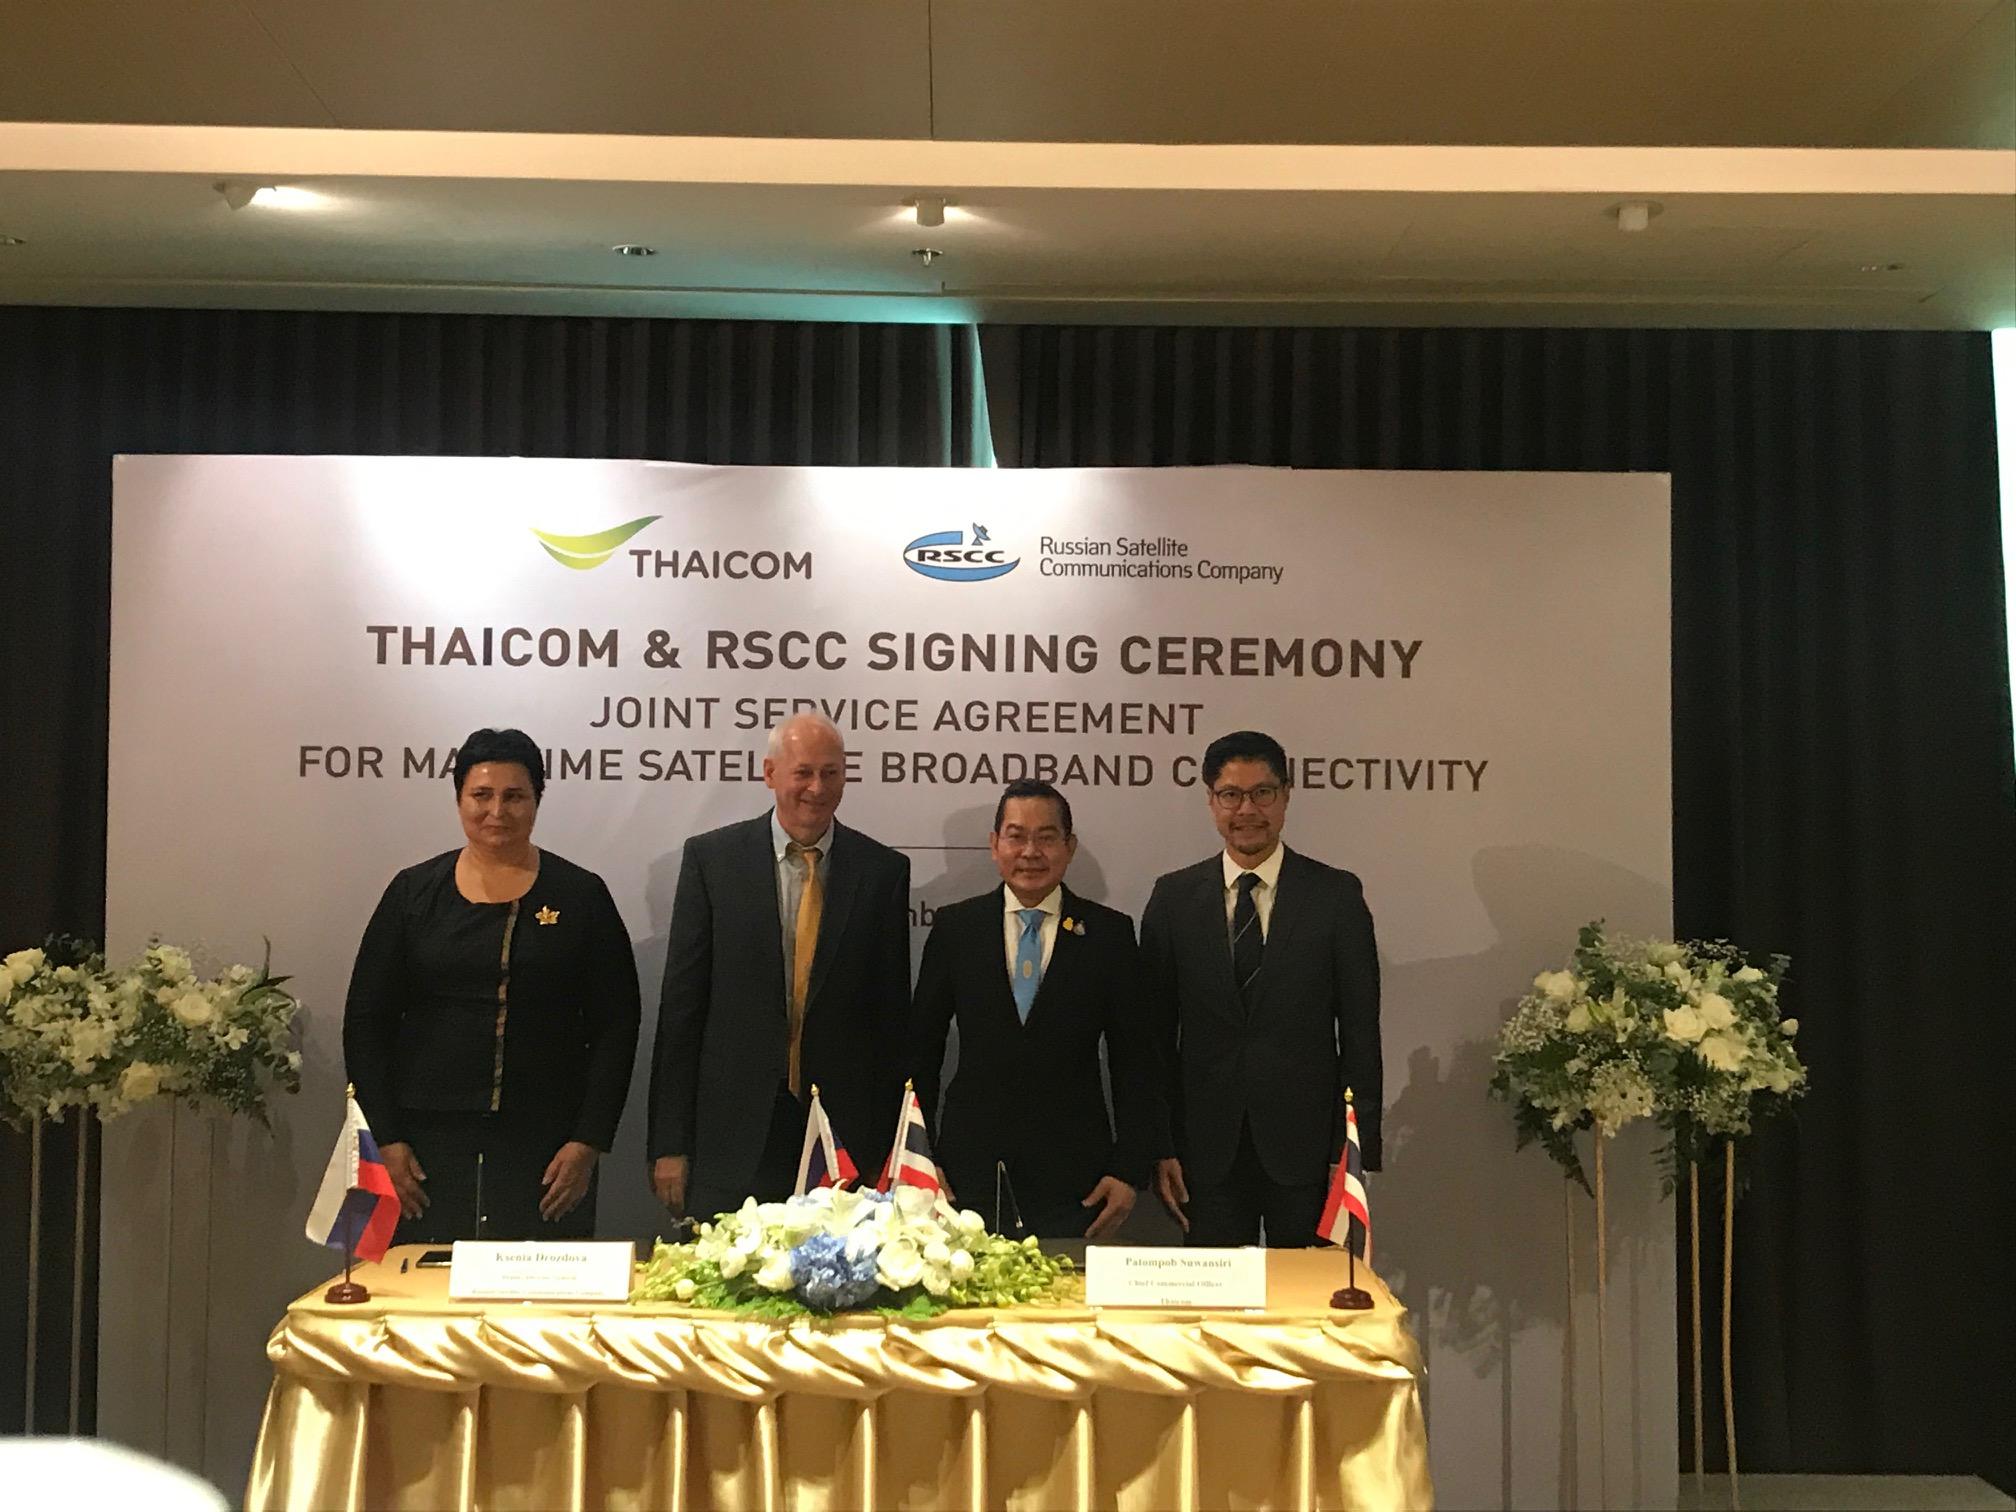 ФГУП «Космическая связь» и таиландский оператор Thaicom подписали соглашение о сотрудничестве